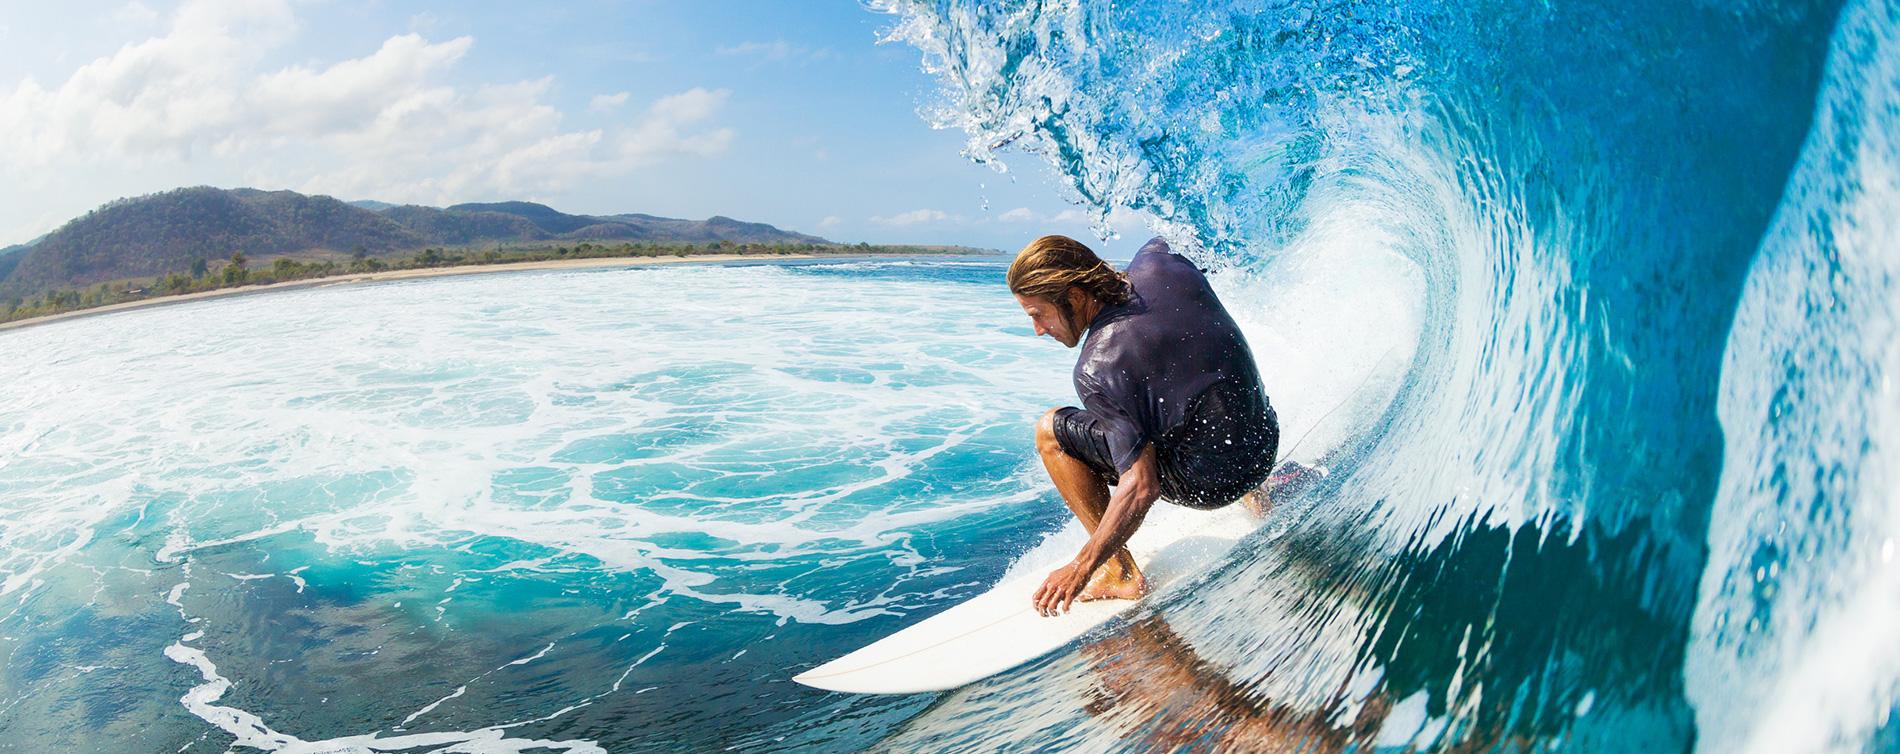 surf-bali-beach